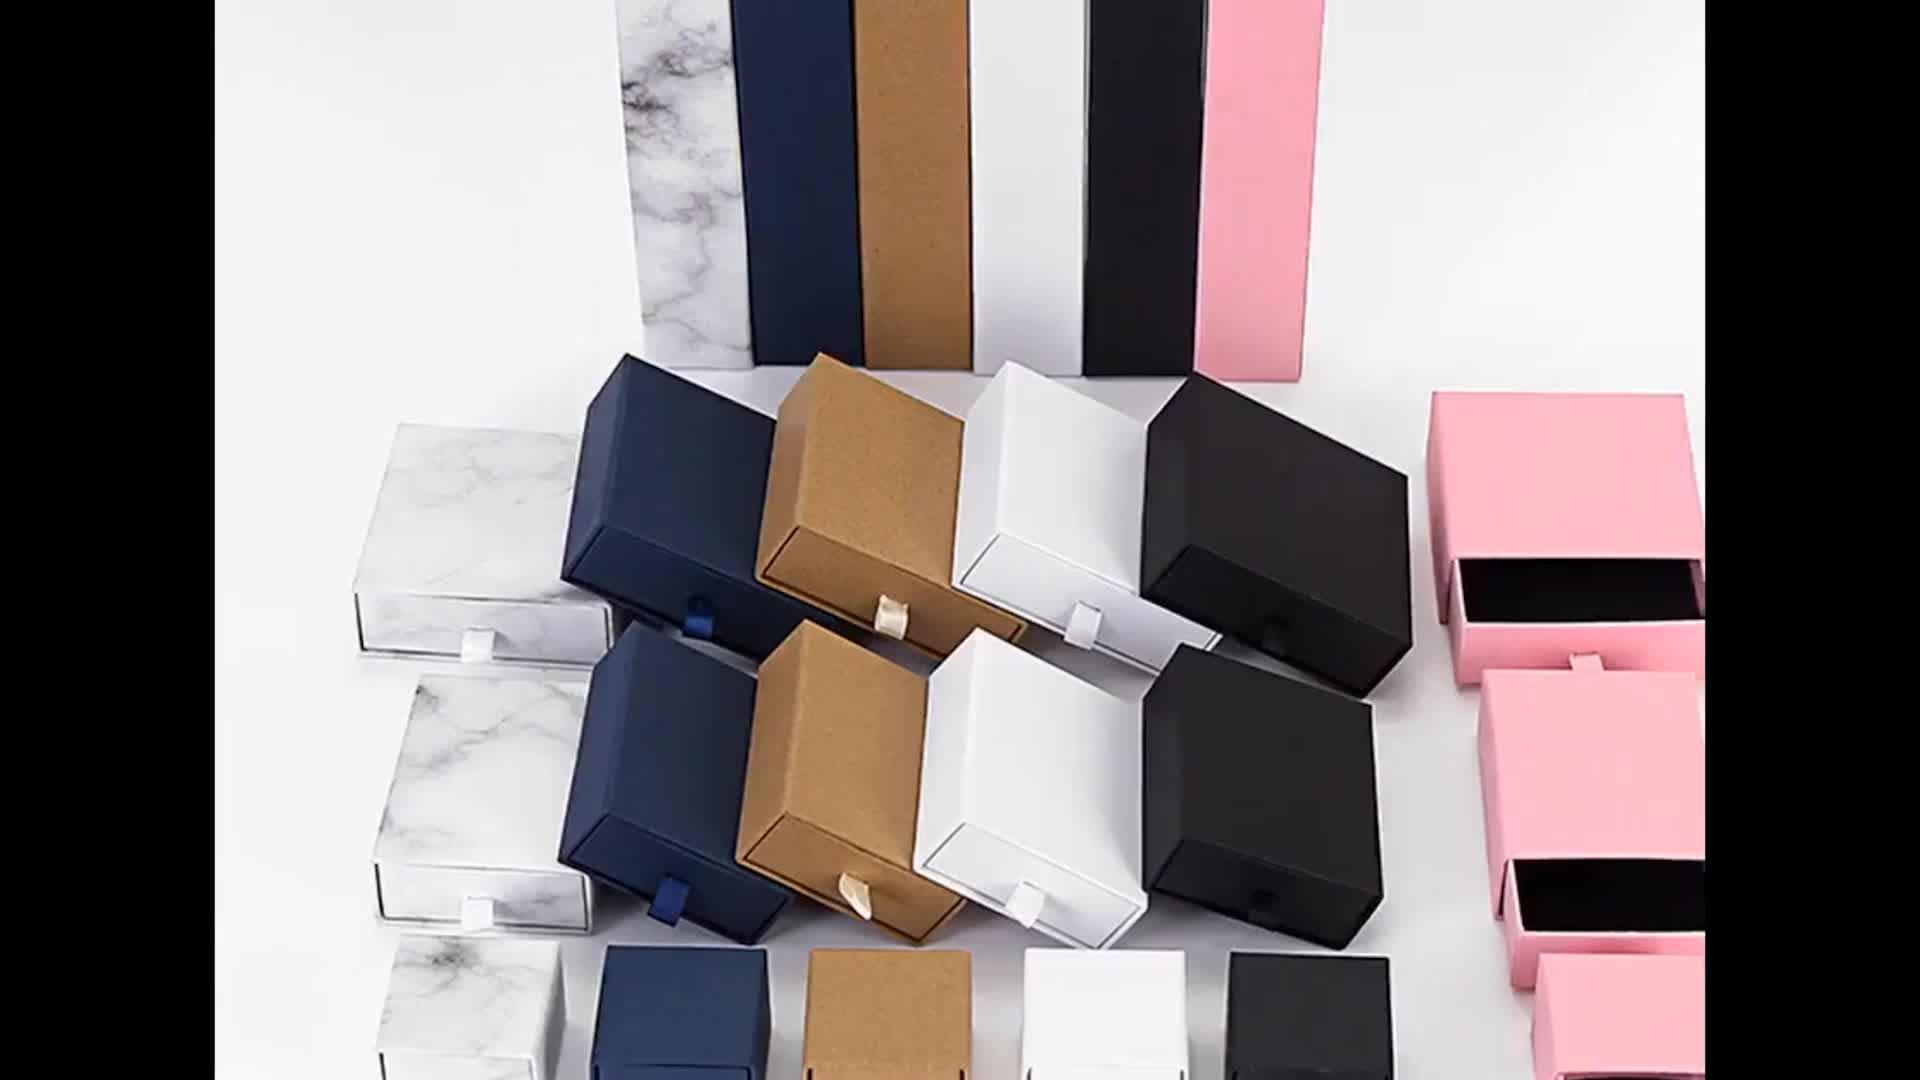 Marmo di cartone di carta orecchino ad anello scatola di imballaggio di monili regalo di nozze box cassetto